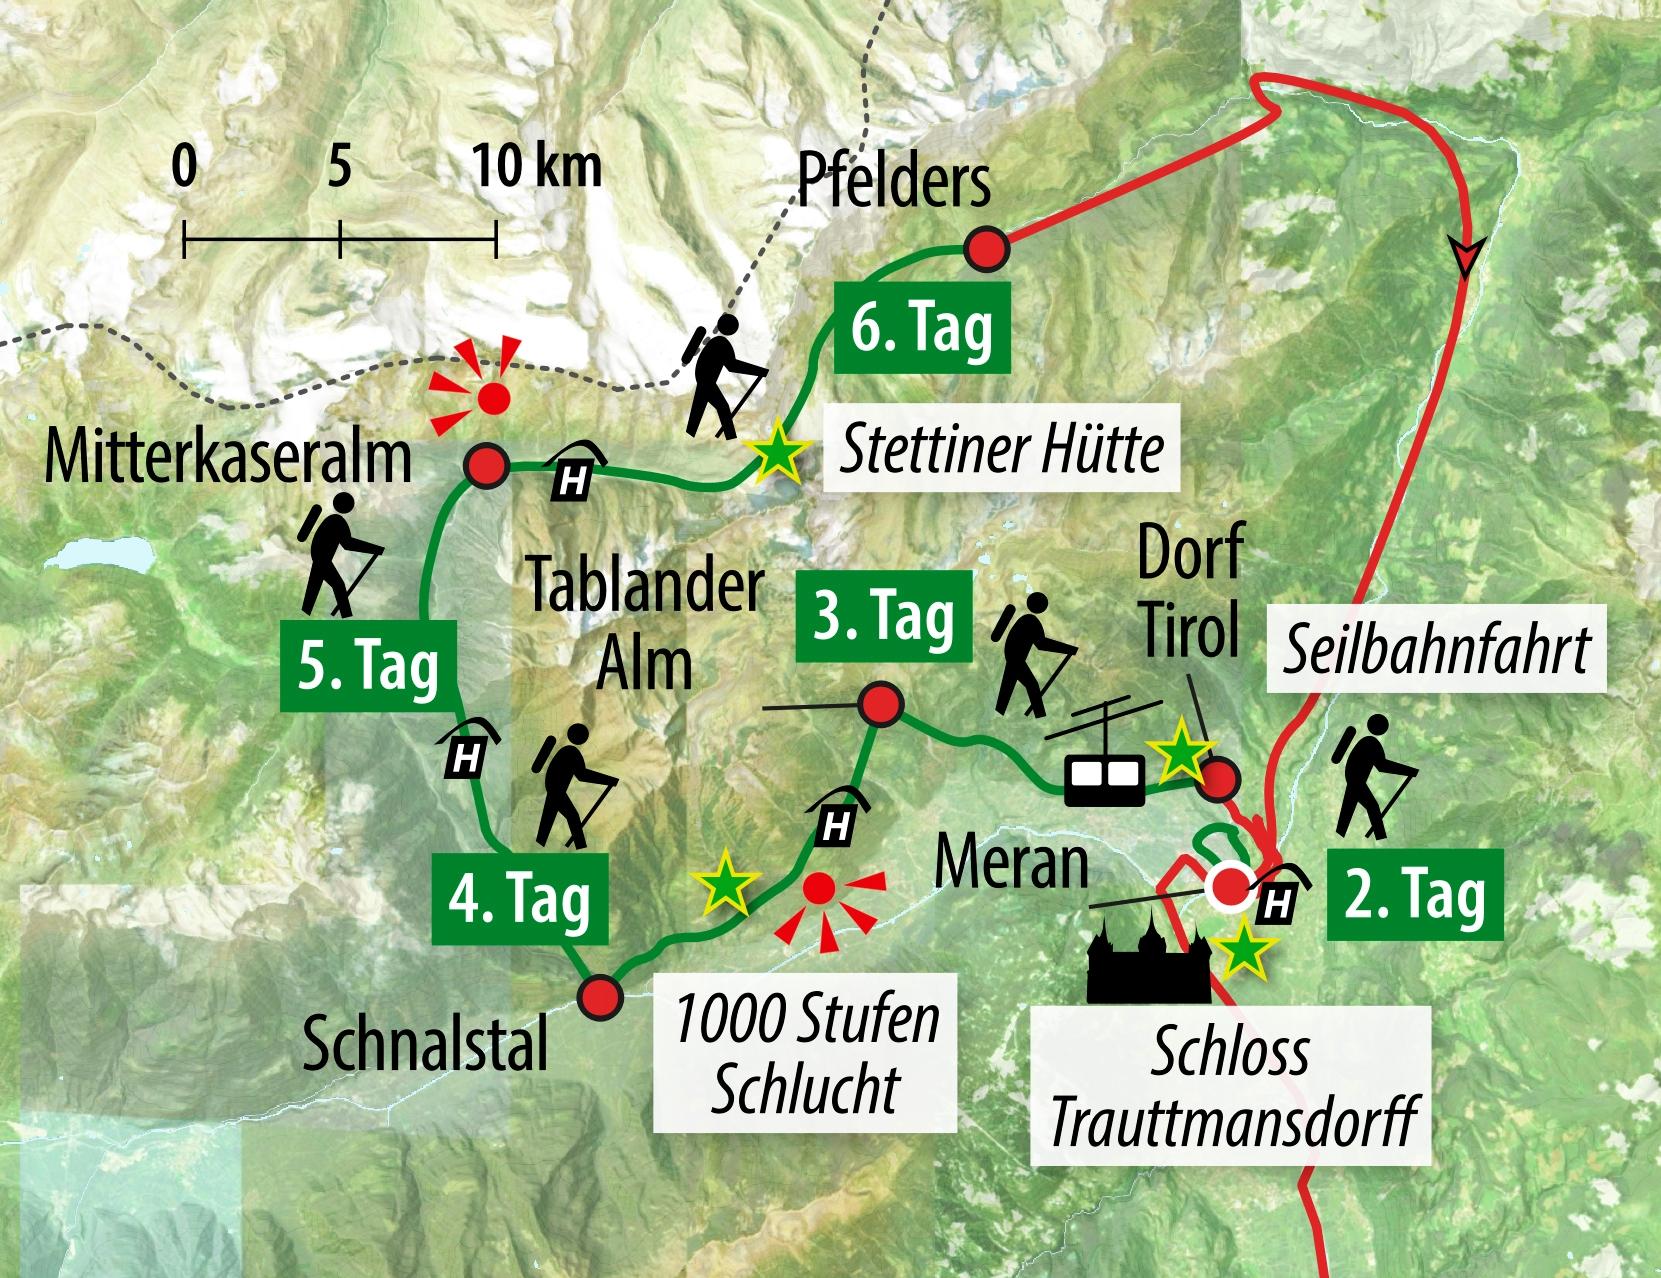 Karte Norwegen D303244nemark.Karte Meraner Hohenweg Pdf